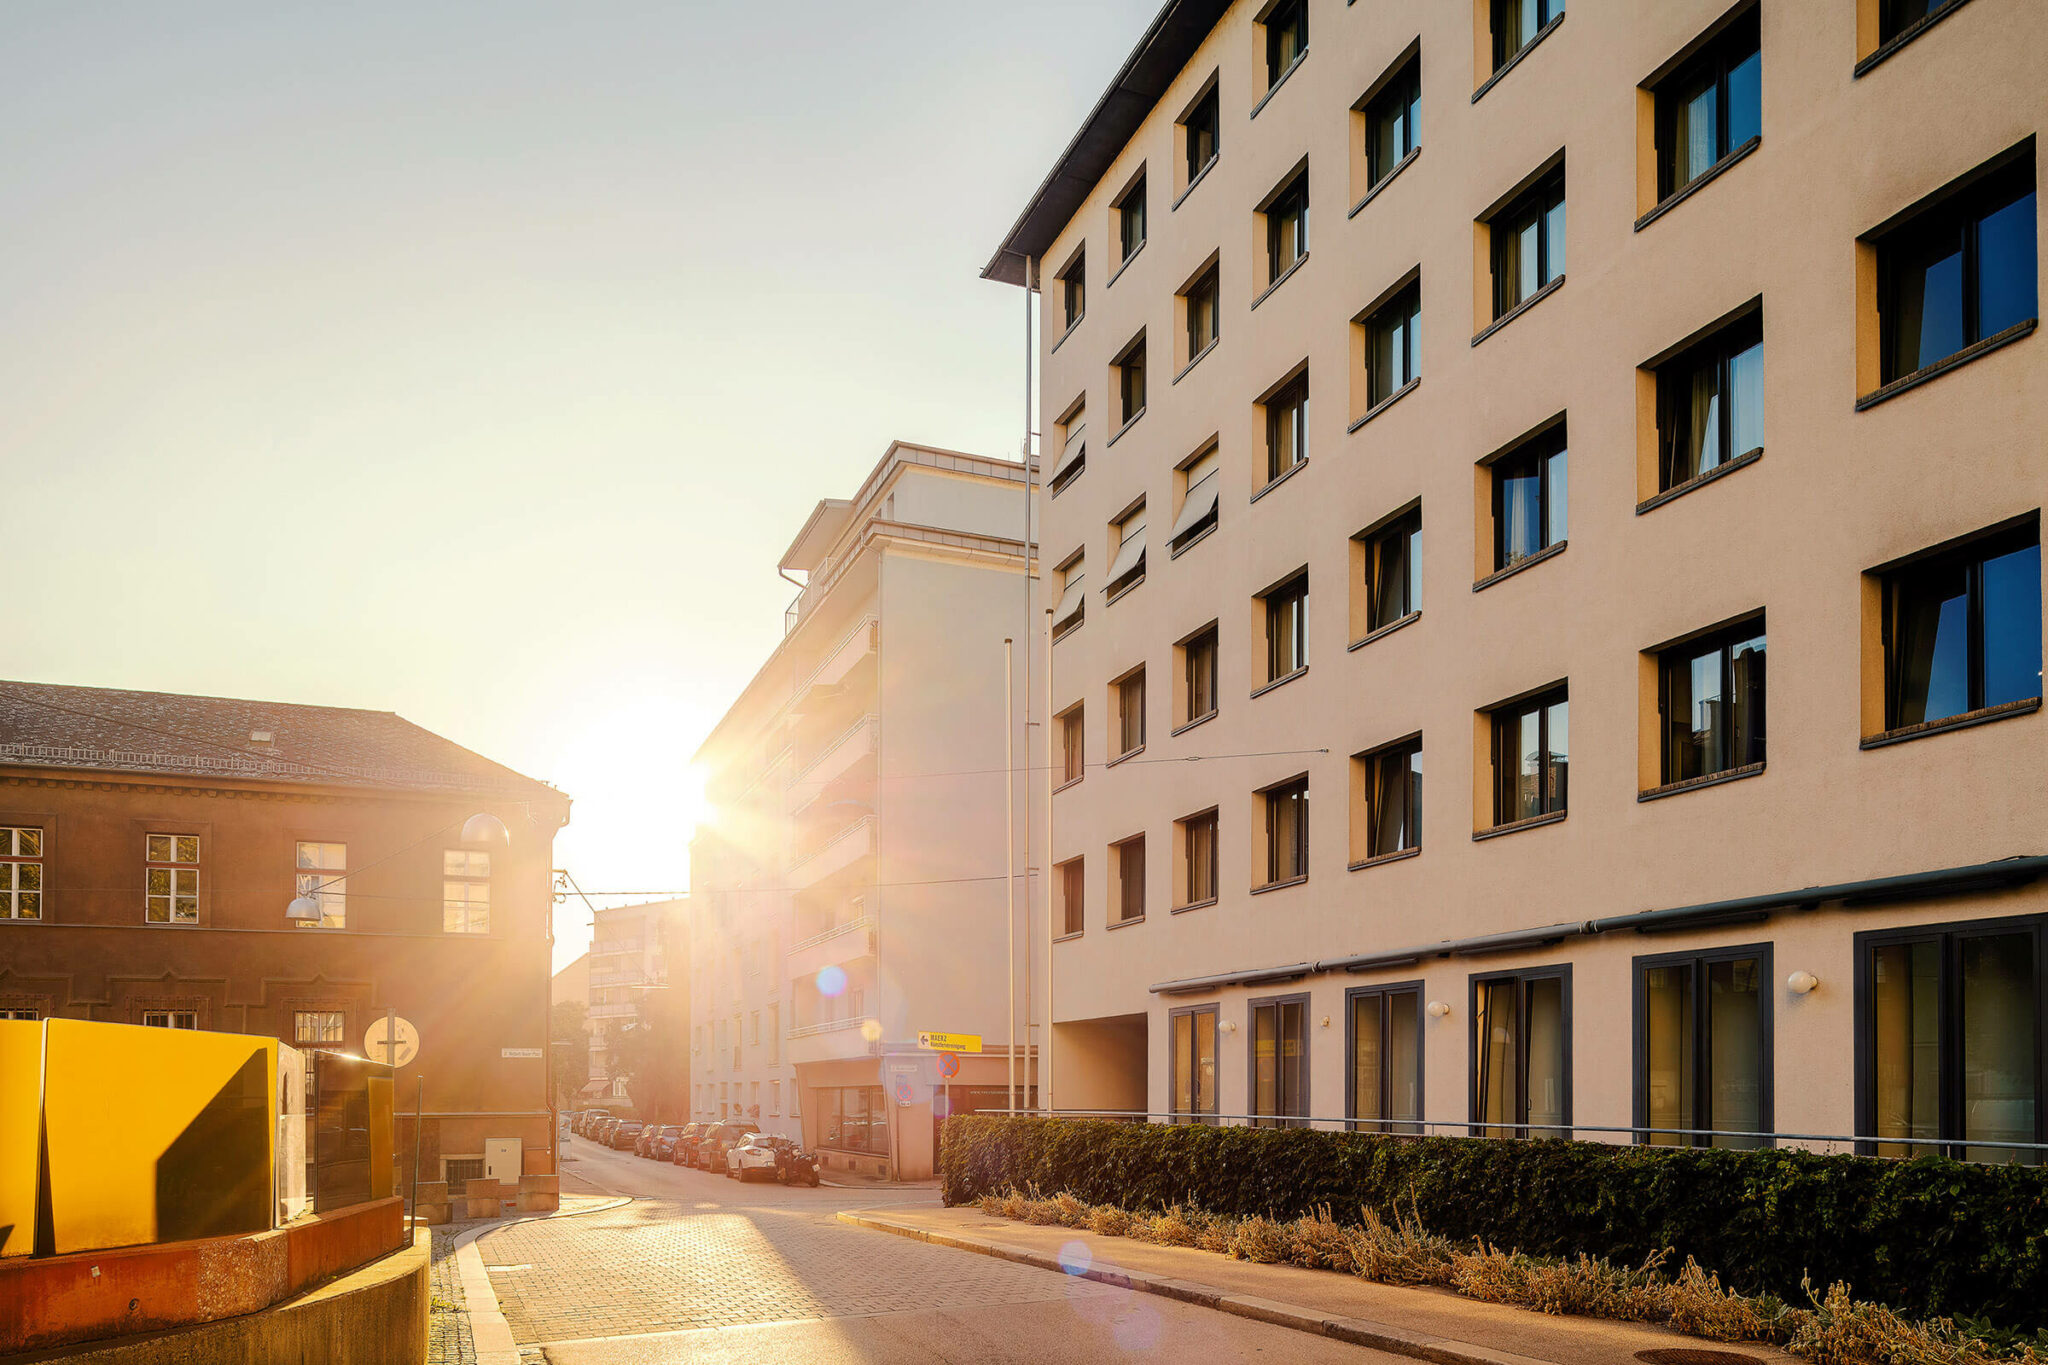 WIST_Wohnen_fuer_Studierende_2021_Ernst_03